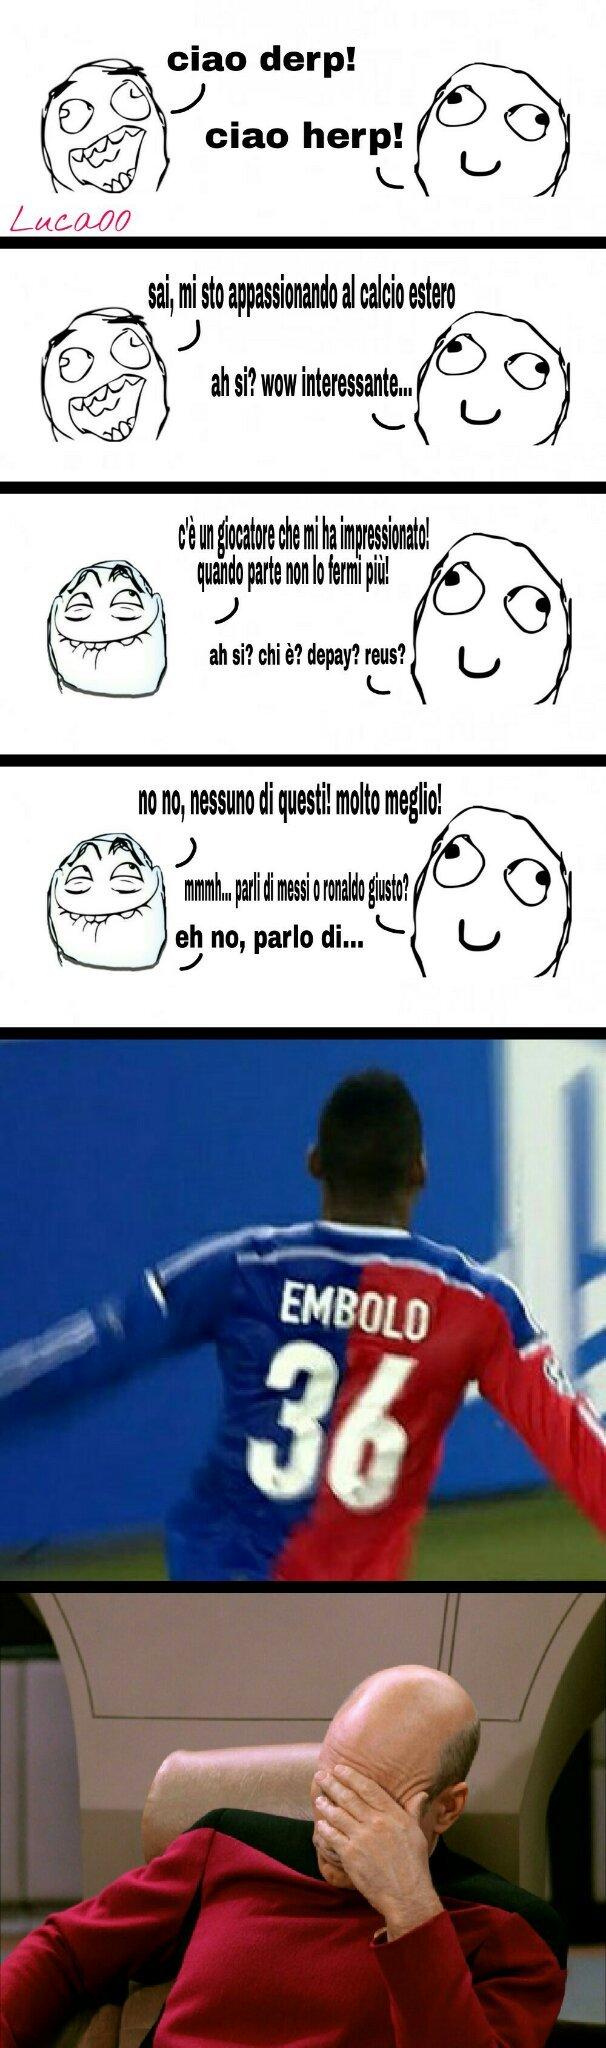 Primo meme con Picsart, scusate ma non lo so ancora usare benissimo, scorrete in basso per vedere il meme completo, cito Yuri_Xx, victoriastation, calciatore111 e cyrill88, spero vi piaccia :)